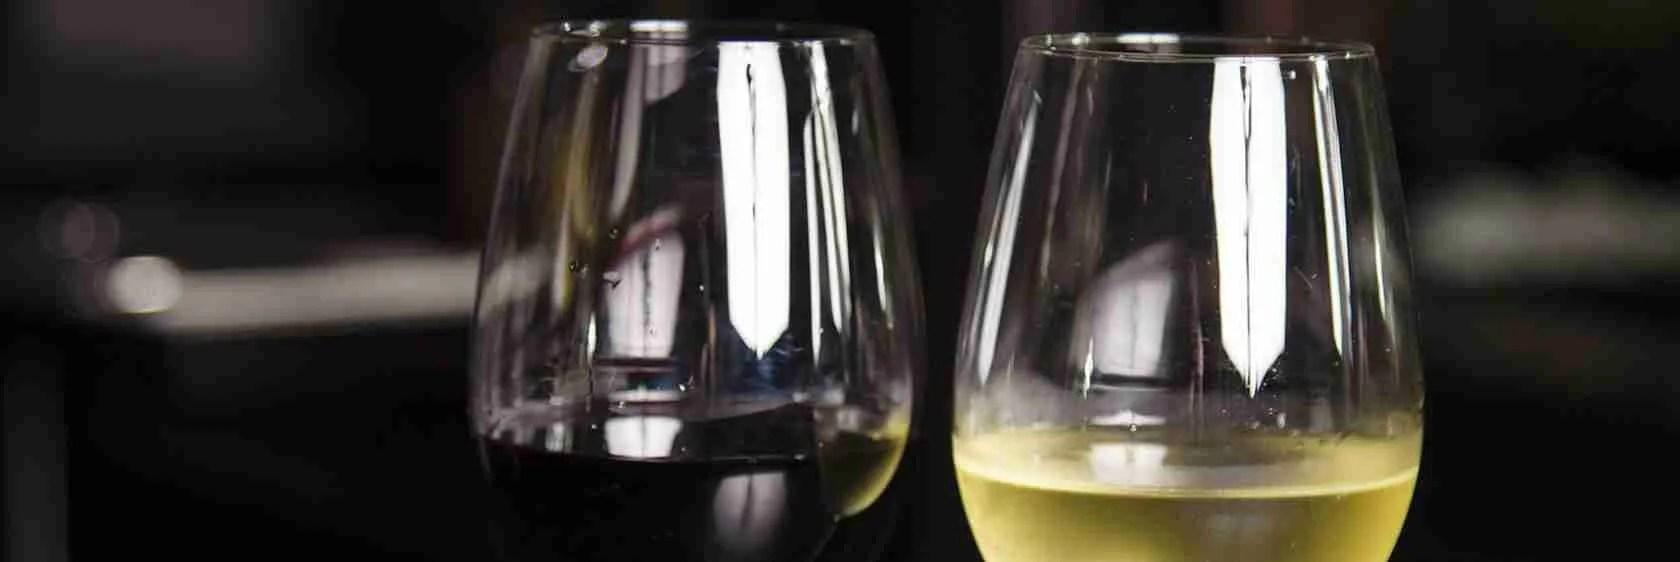 L'aperitivo delle escort Udine è il tajùt, calice di vino rosso o bianco della zona friulana.